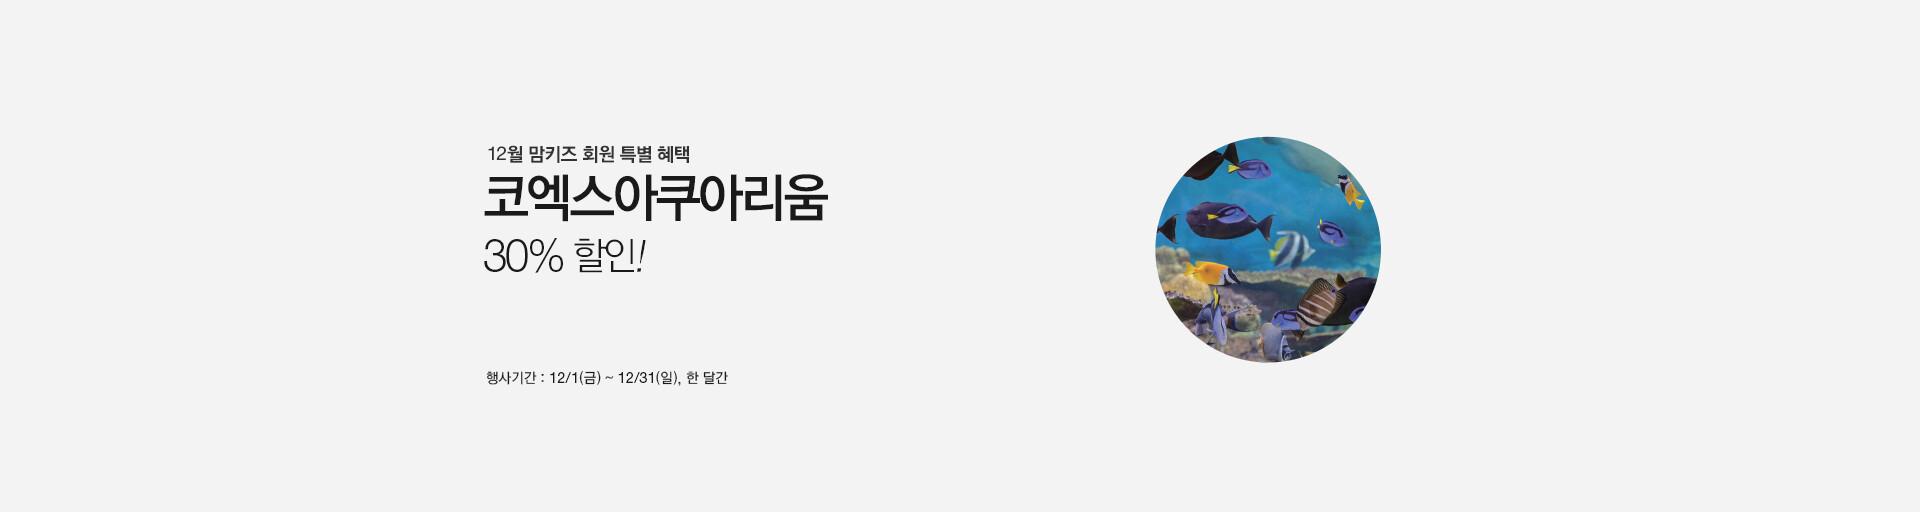 12월 맘키즈 회원 특별 혜택 코엑스아쿠아리움 30% 할인!  행사기간 : 12/1(금) ~ 12/31(일), 한 달간